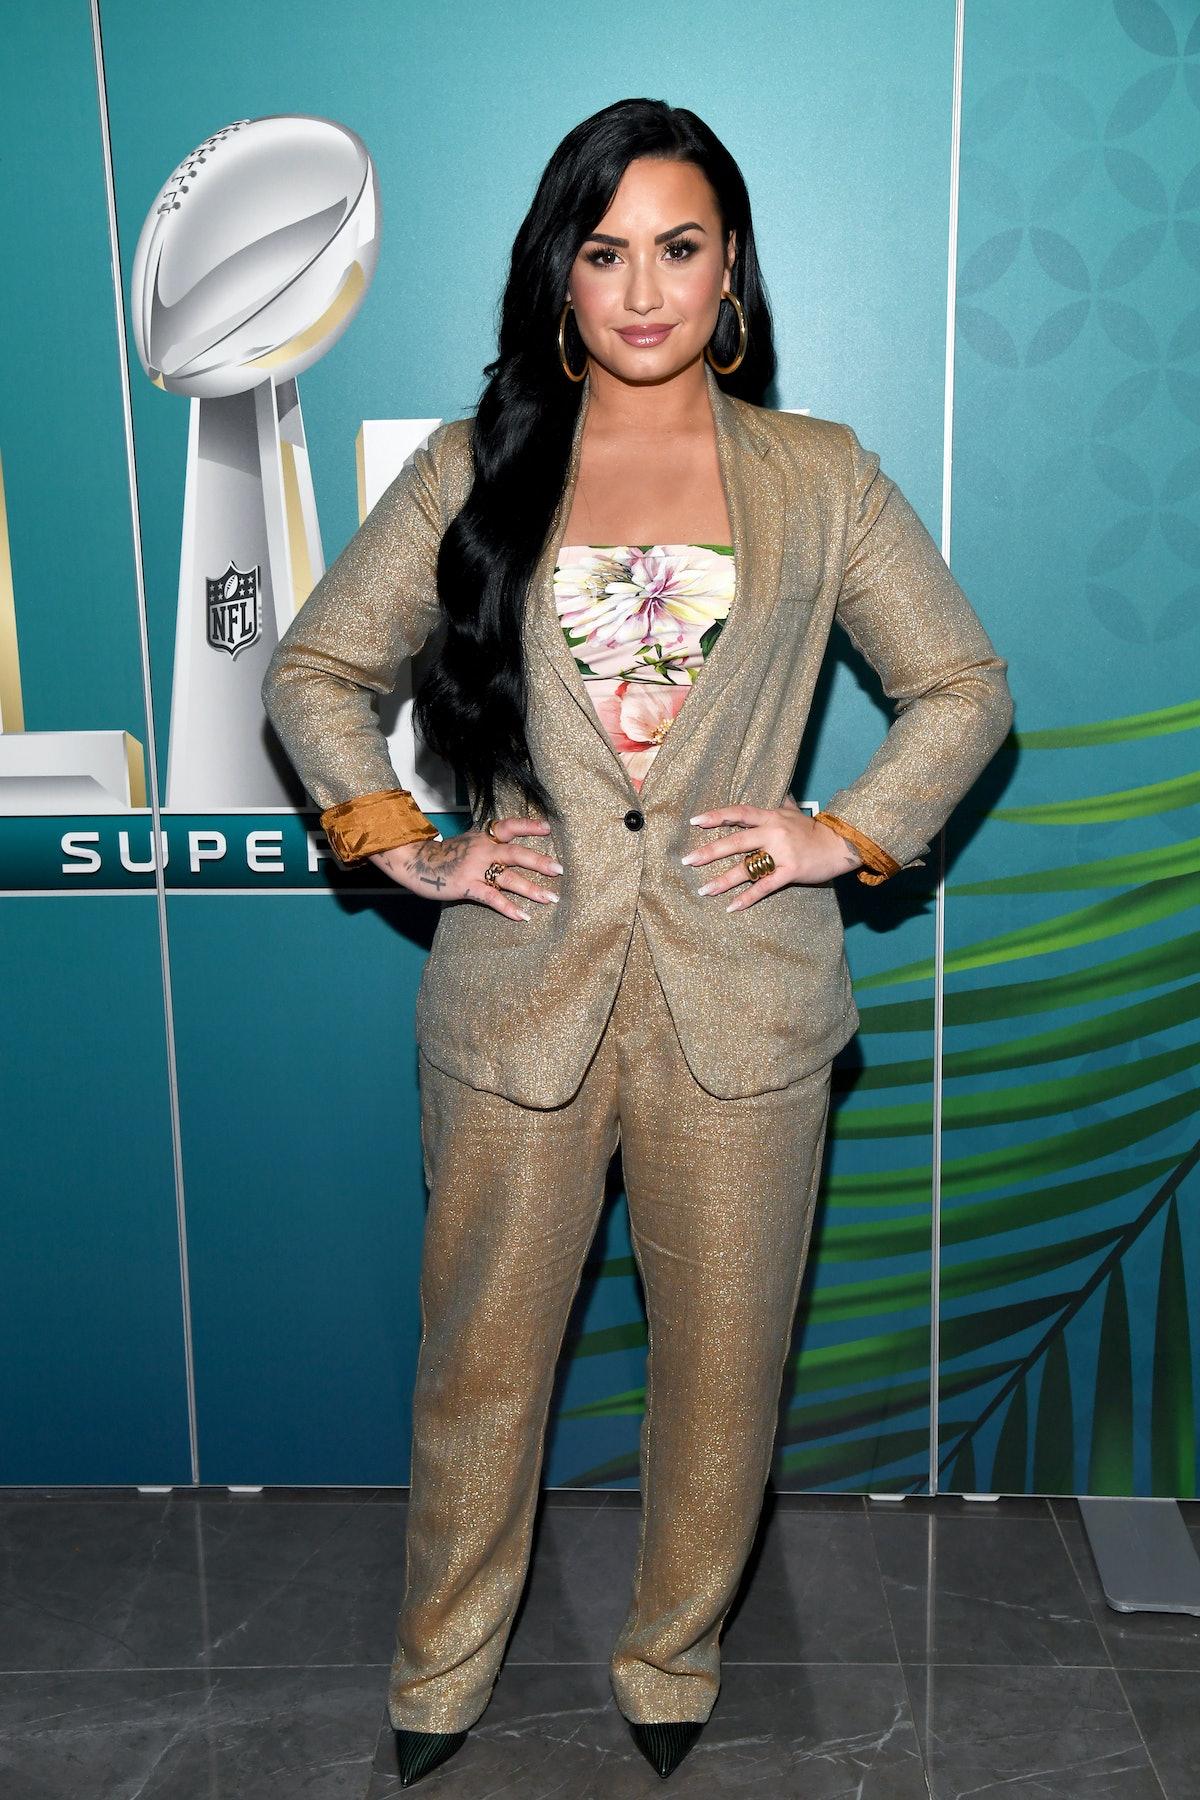 Demi Lovato attends the Super Bowl.